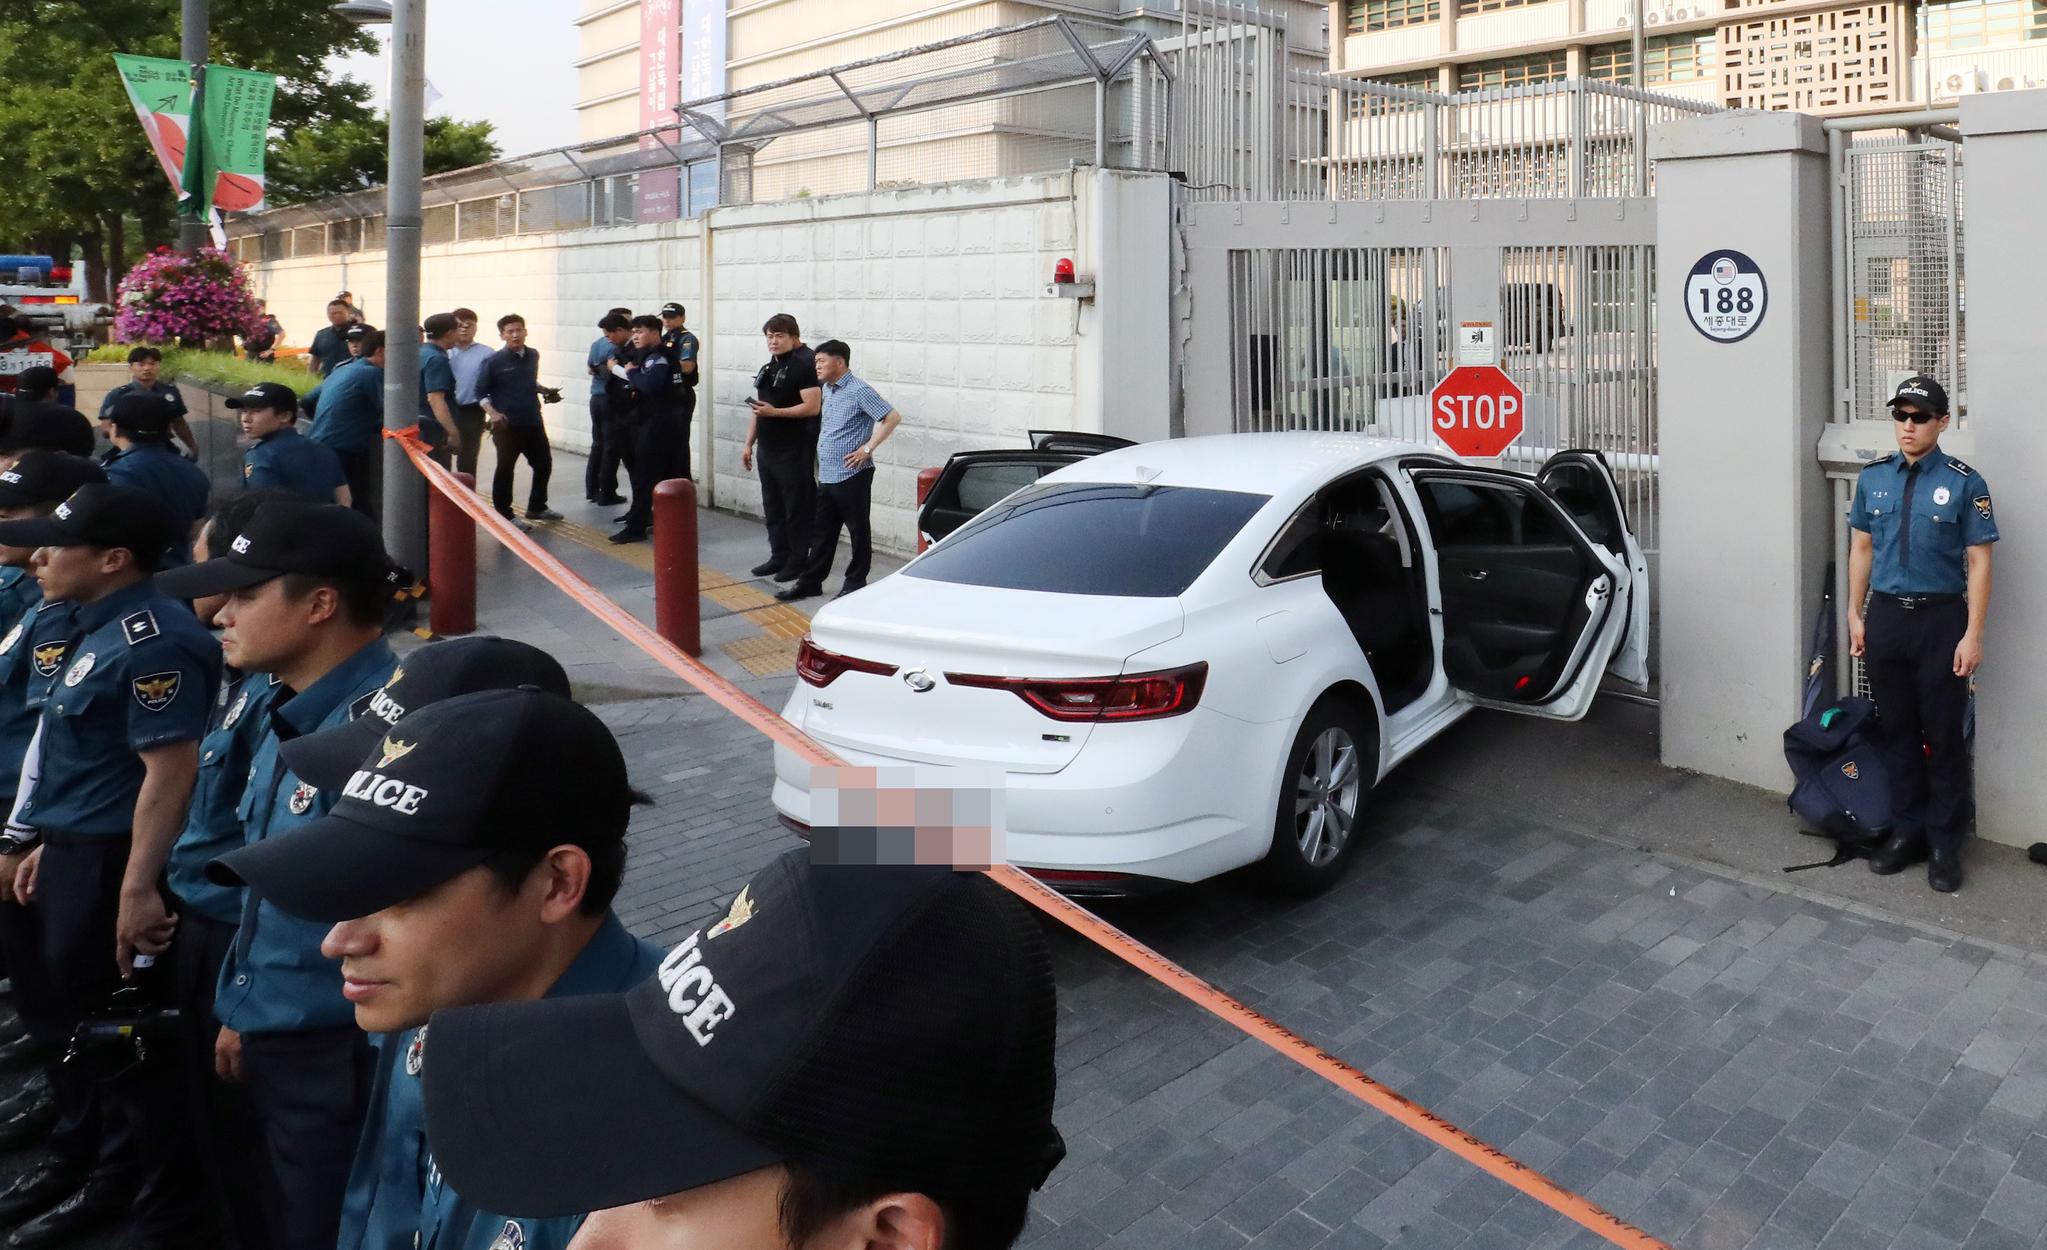 6월 25일 오후 5시 45분쯤 한 40대 남성의 승용차가 서울 종로구 주한미국대사관 정문으로 돌진해 멈춰 서 있다. 차량 트렁크에서는 부탄가스 한 상자가 발견됐다. [연합뉴스]